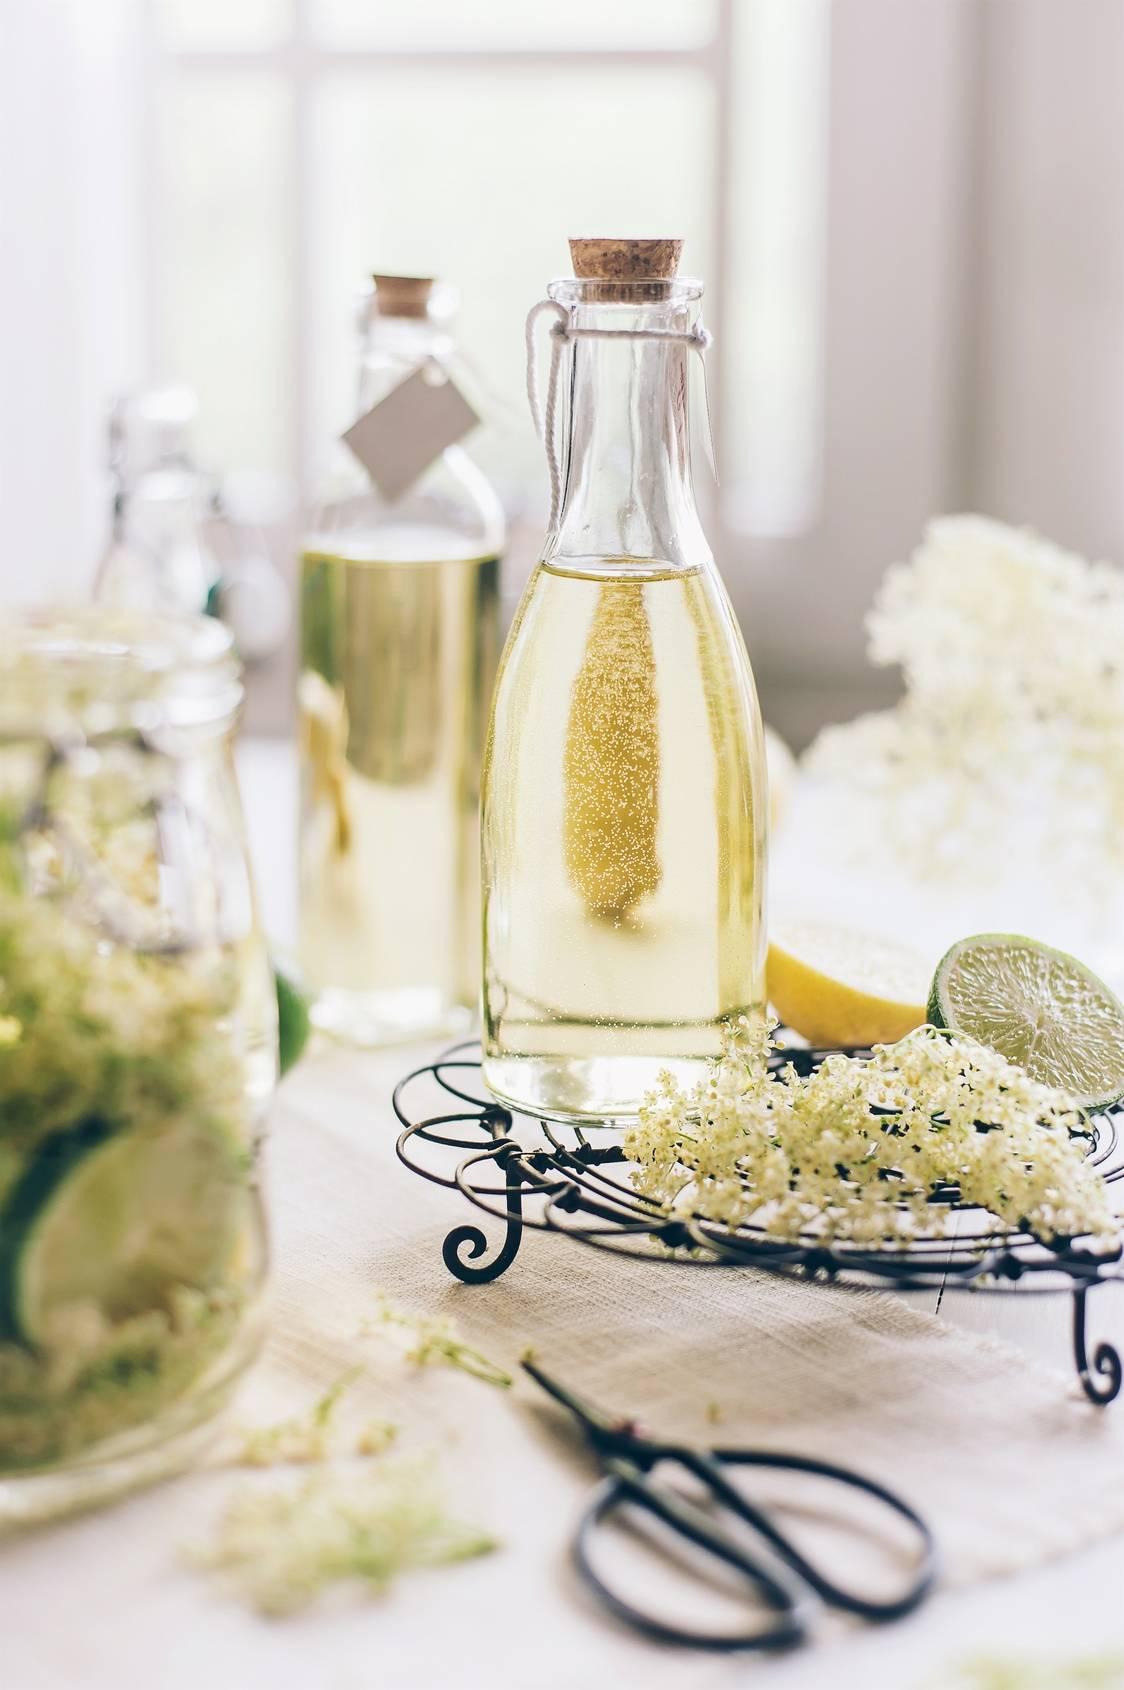 Zioła na obniżenie gorączki. Butelka z sokiem z kwiatów czarnego bzu stoi na stole. Wokół stoją inne butelki i słoiki z przetworami z czarnego bzu, kwiaty czarnego bzu, cytryna i limonka, zdobione nożyczki i druciana tacka.